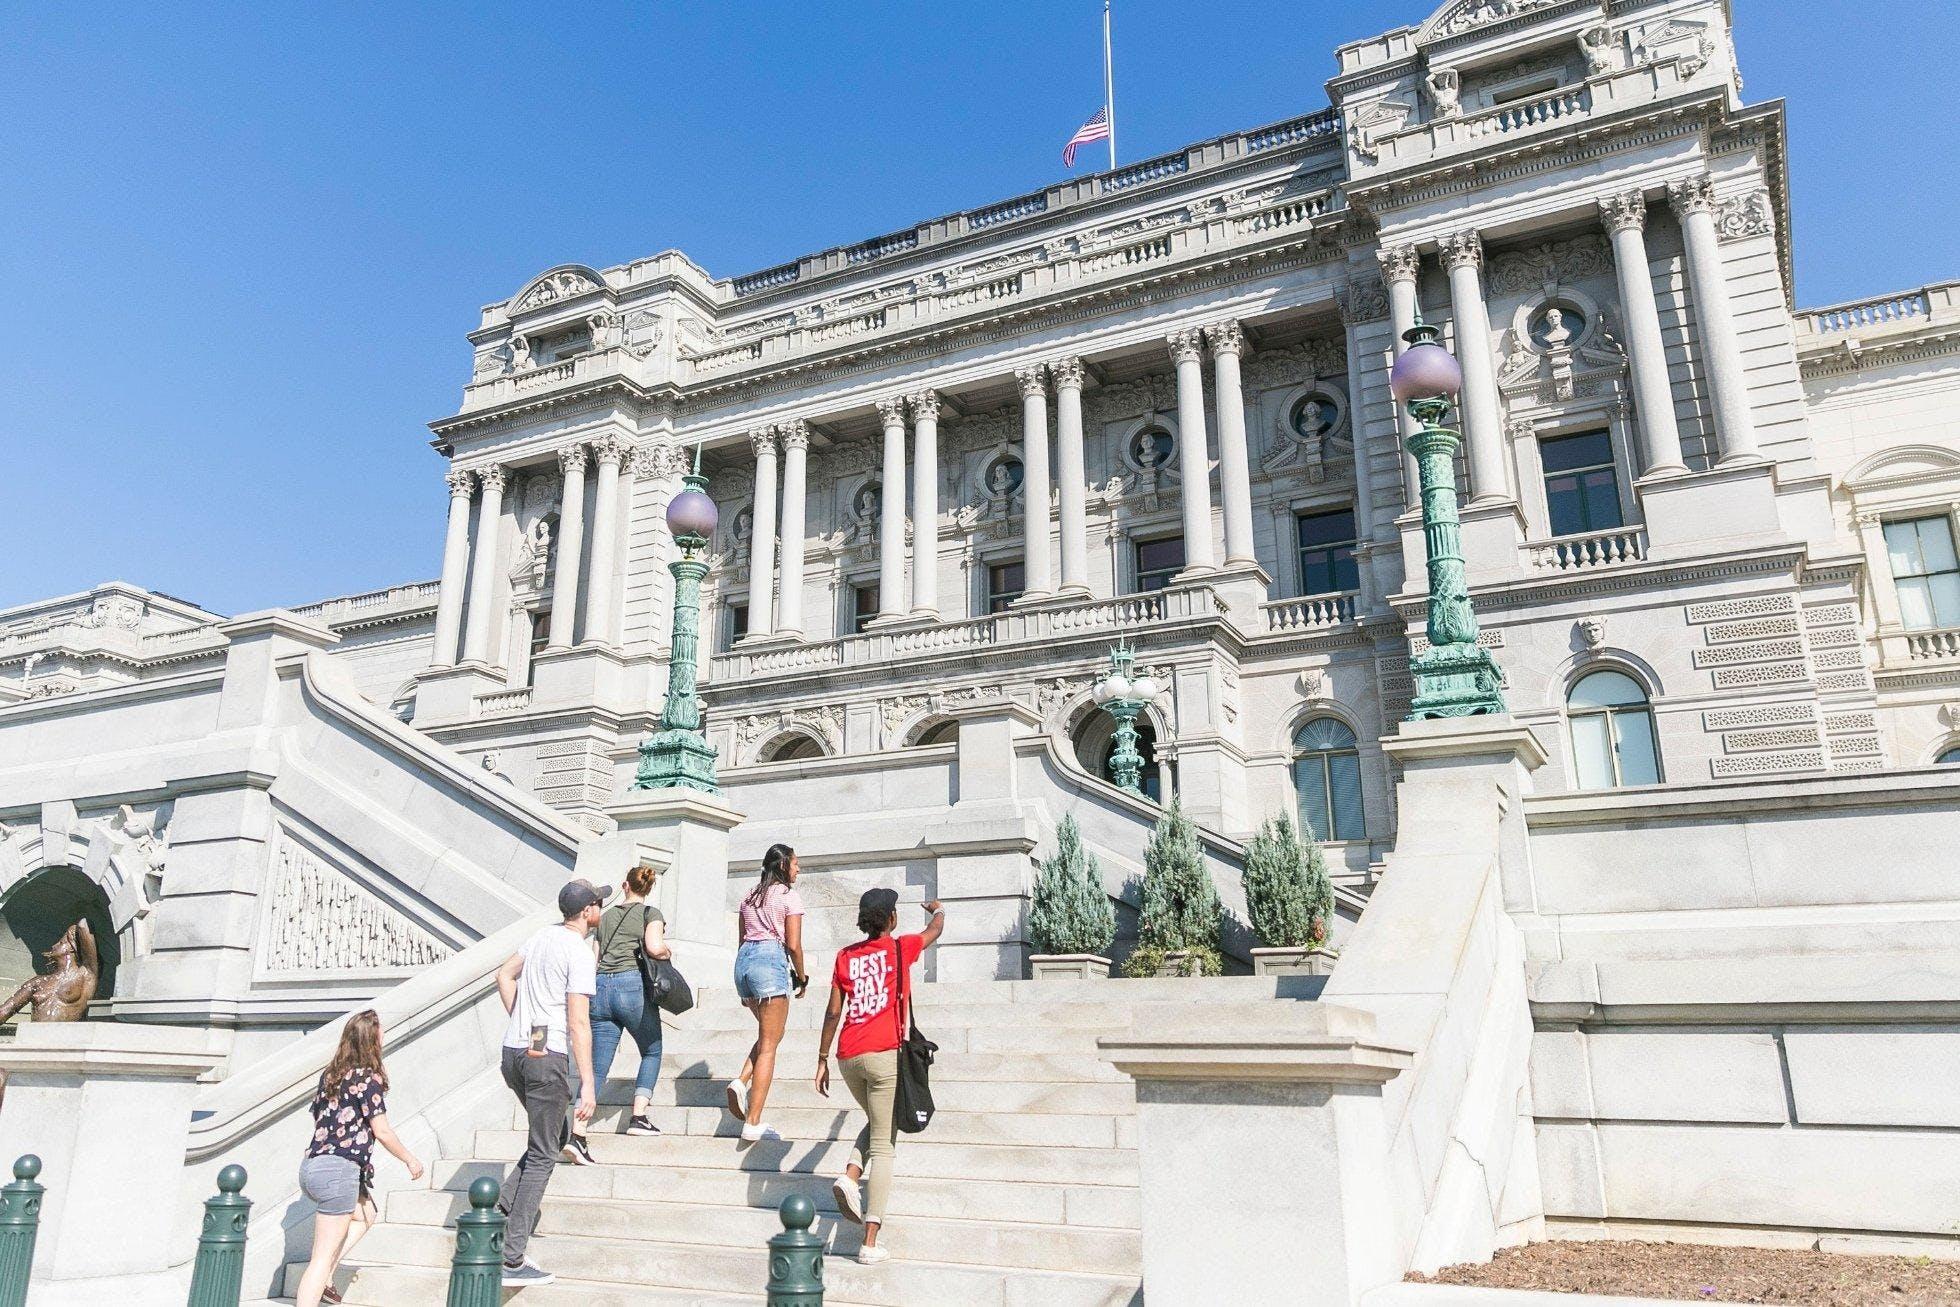 New York Times Journeys   Washington Insiders Tour - Tour Photo 1 of 5